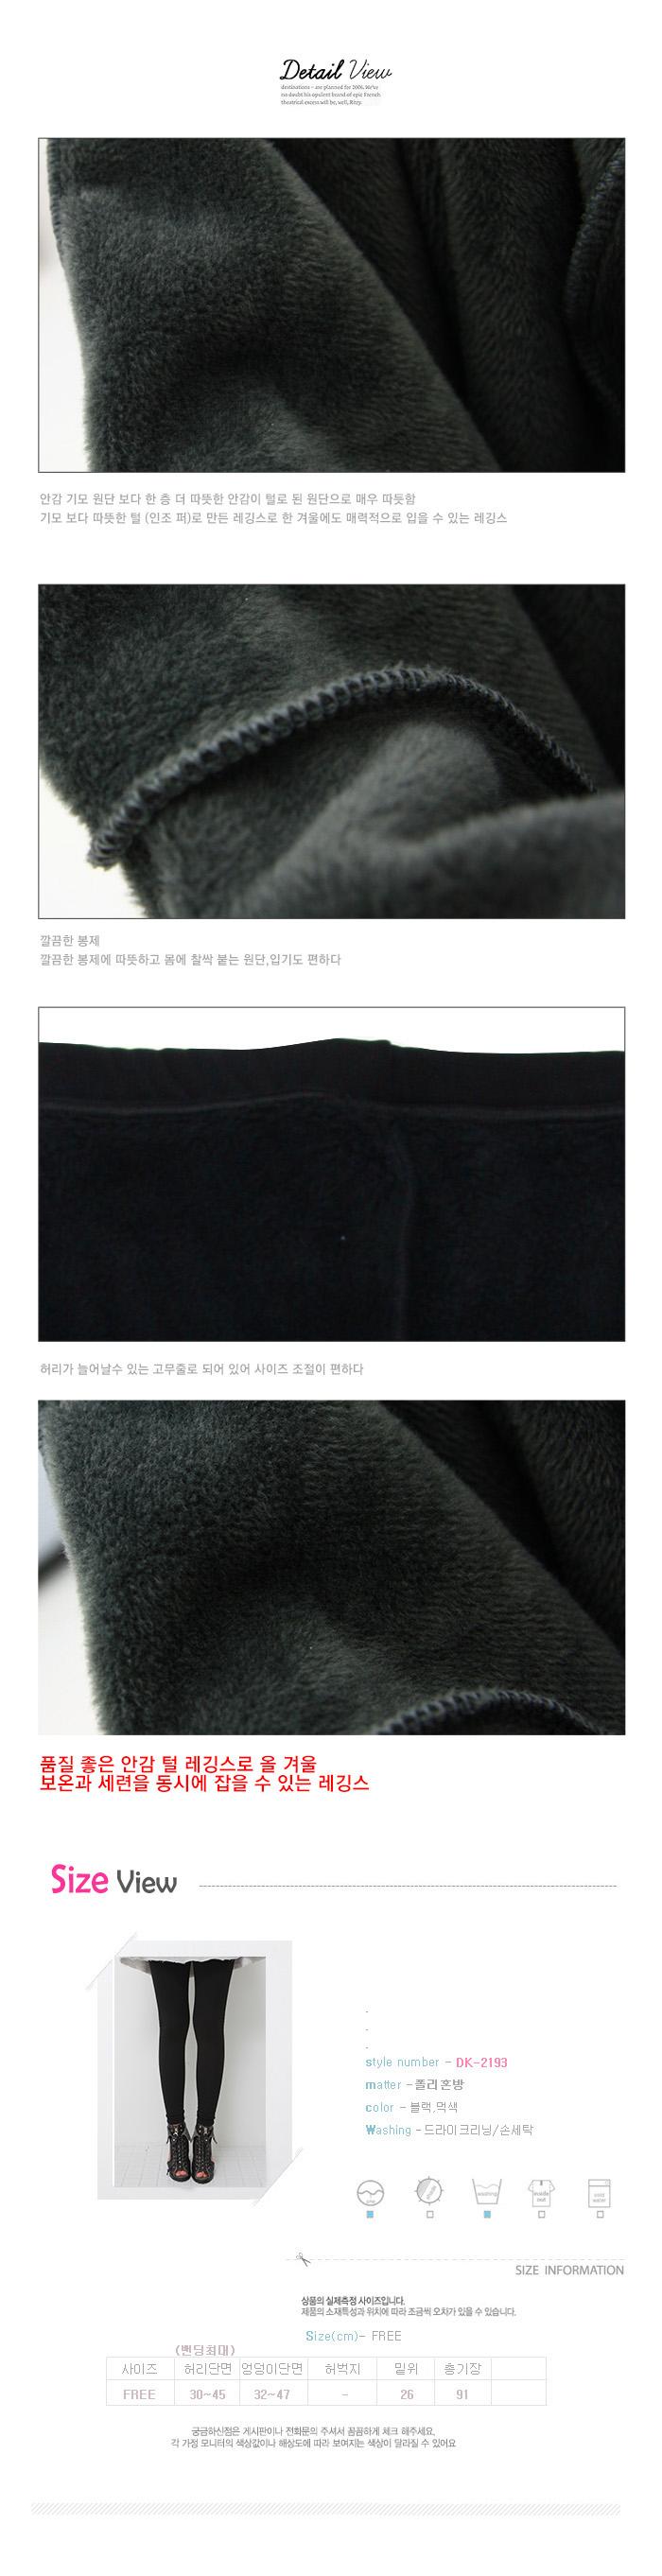 겉지 폴리 융털안감 왕기모바지 77~88 가능 -2193   온,오프 무조건 진행하세요!! 상세사진